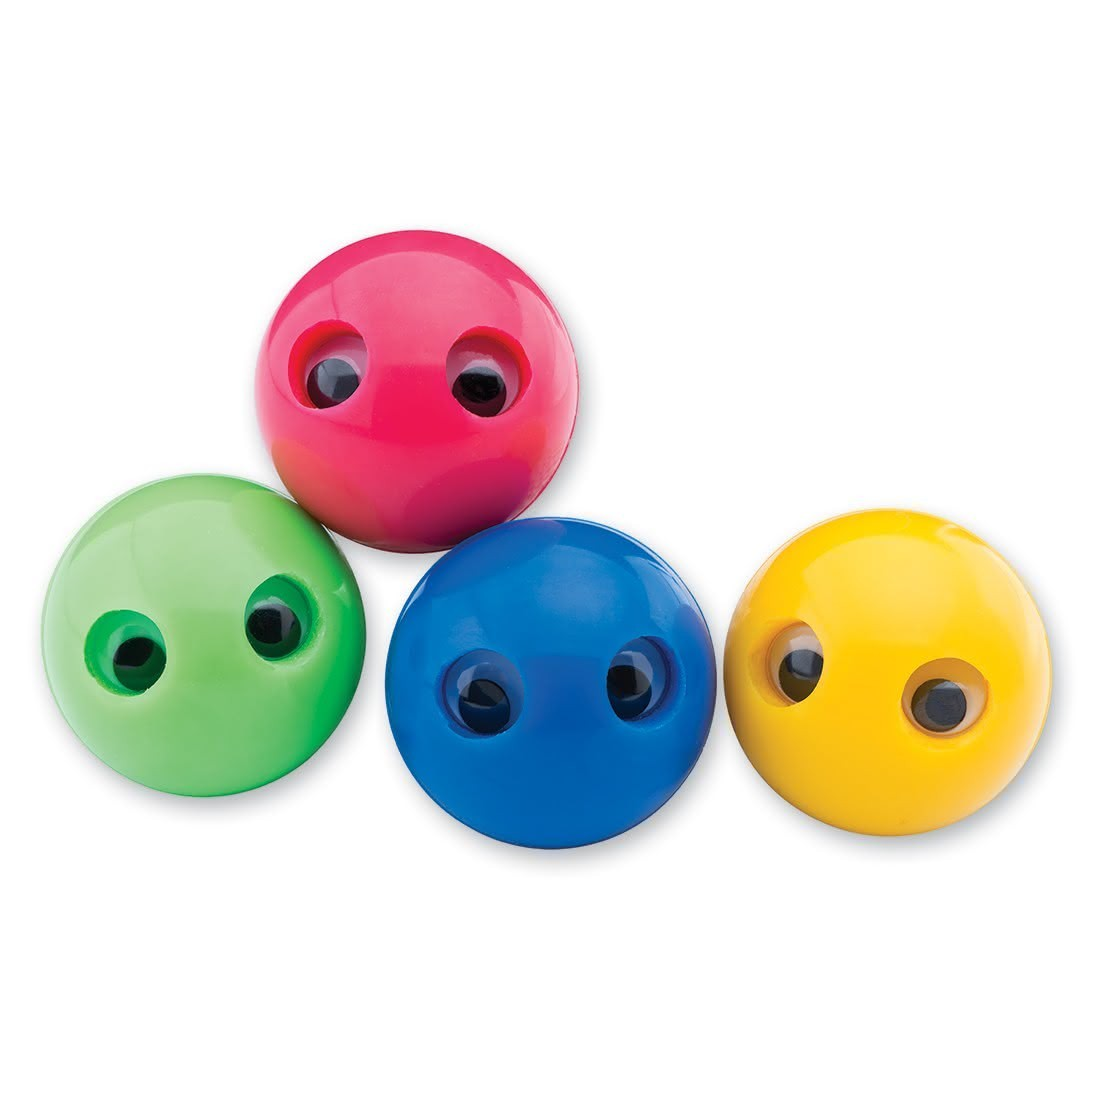 43mm Colorful Wiggle Eye Bouncing Balls [image]